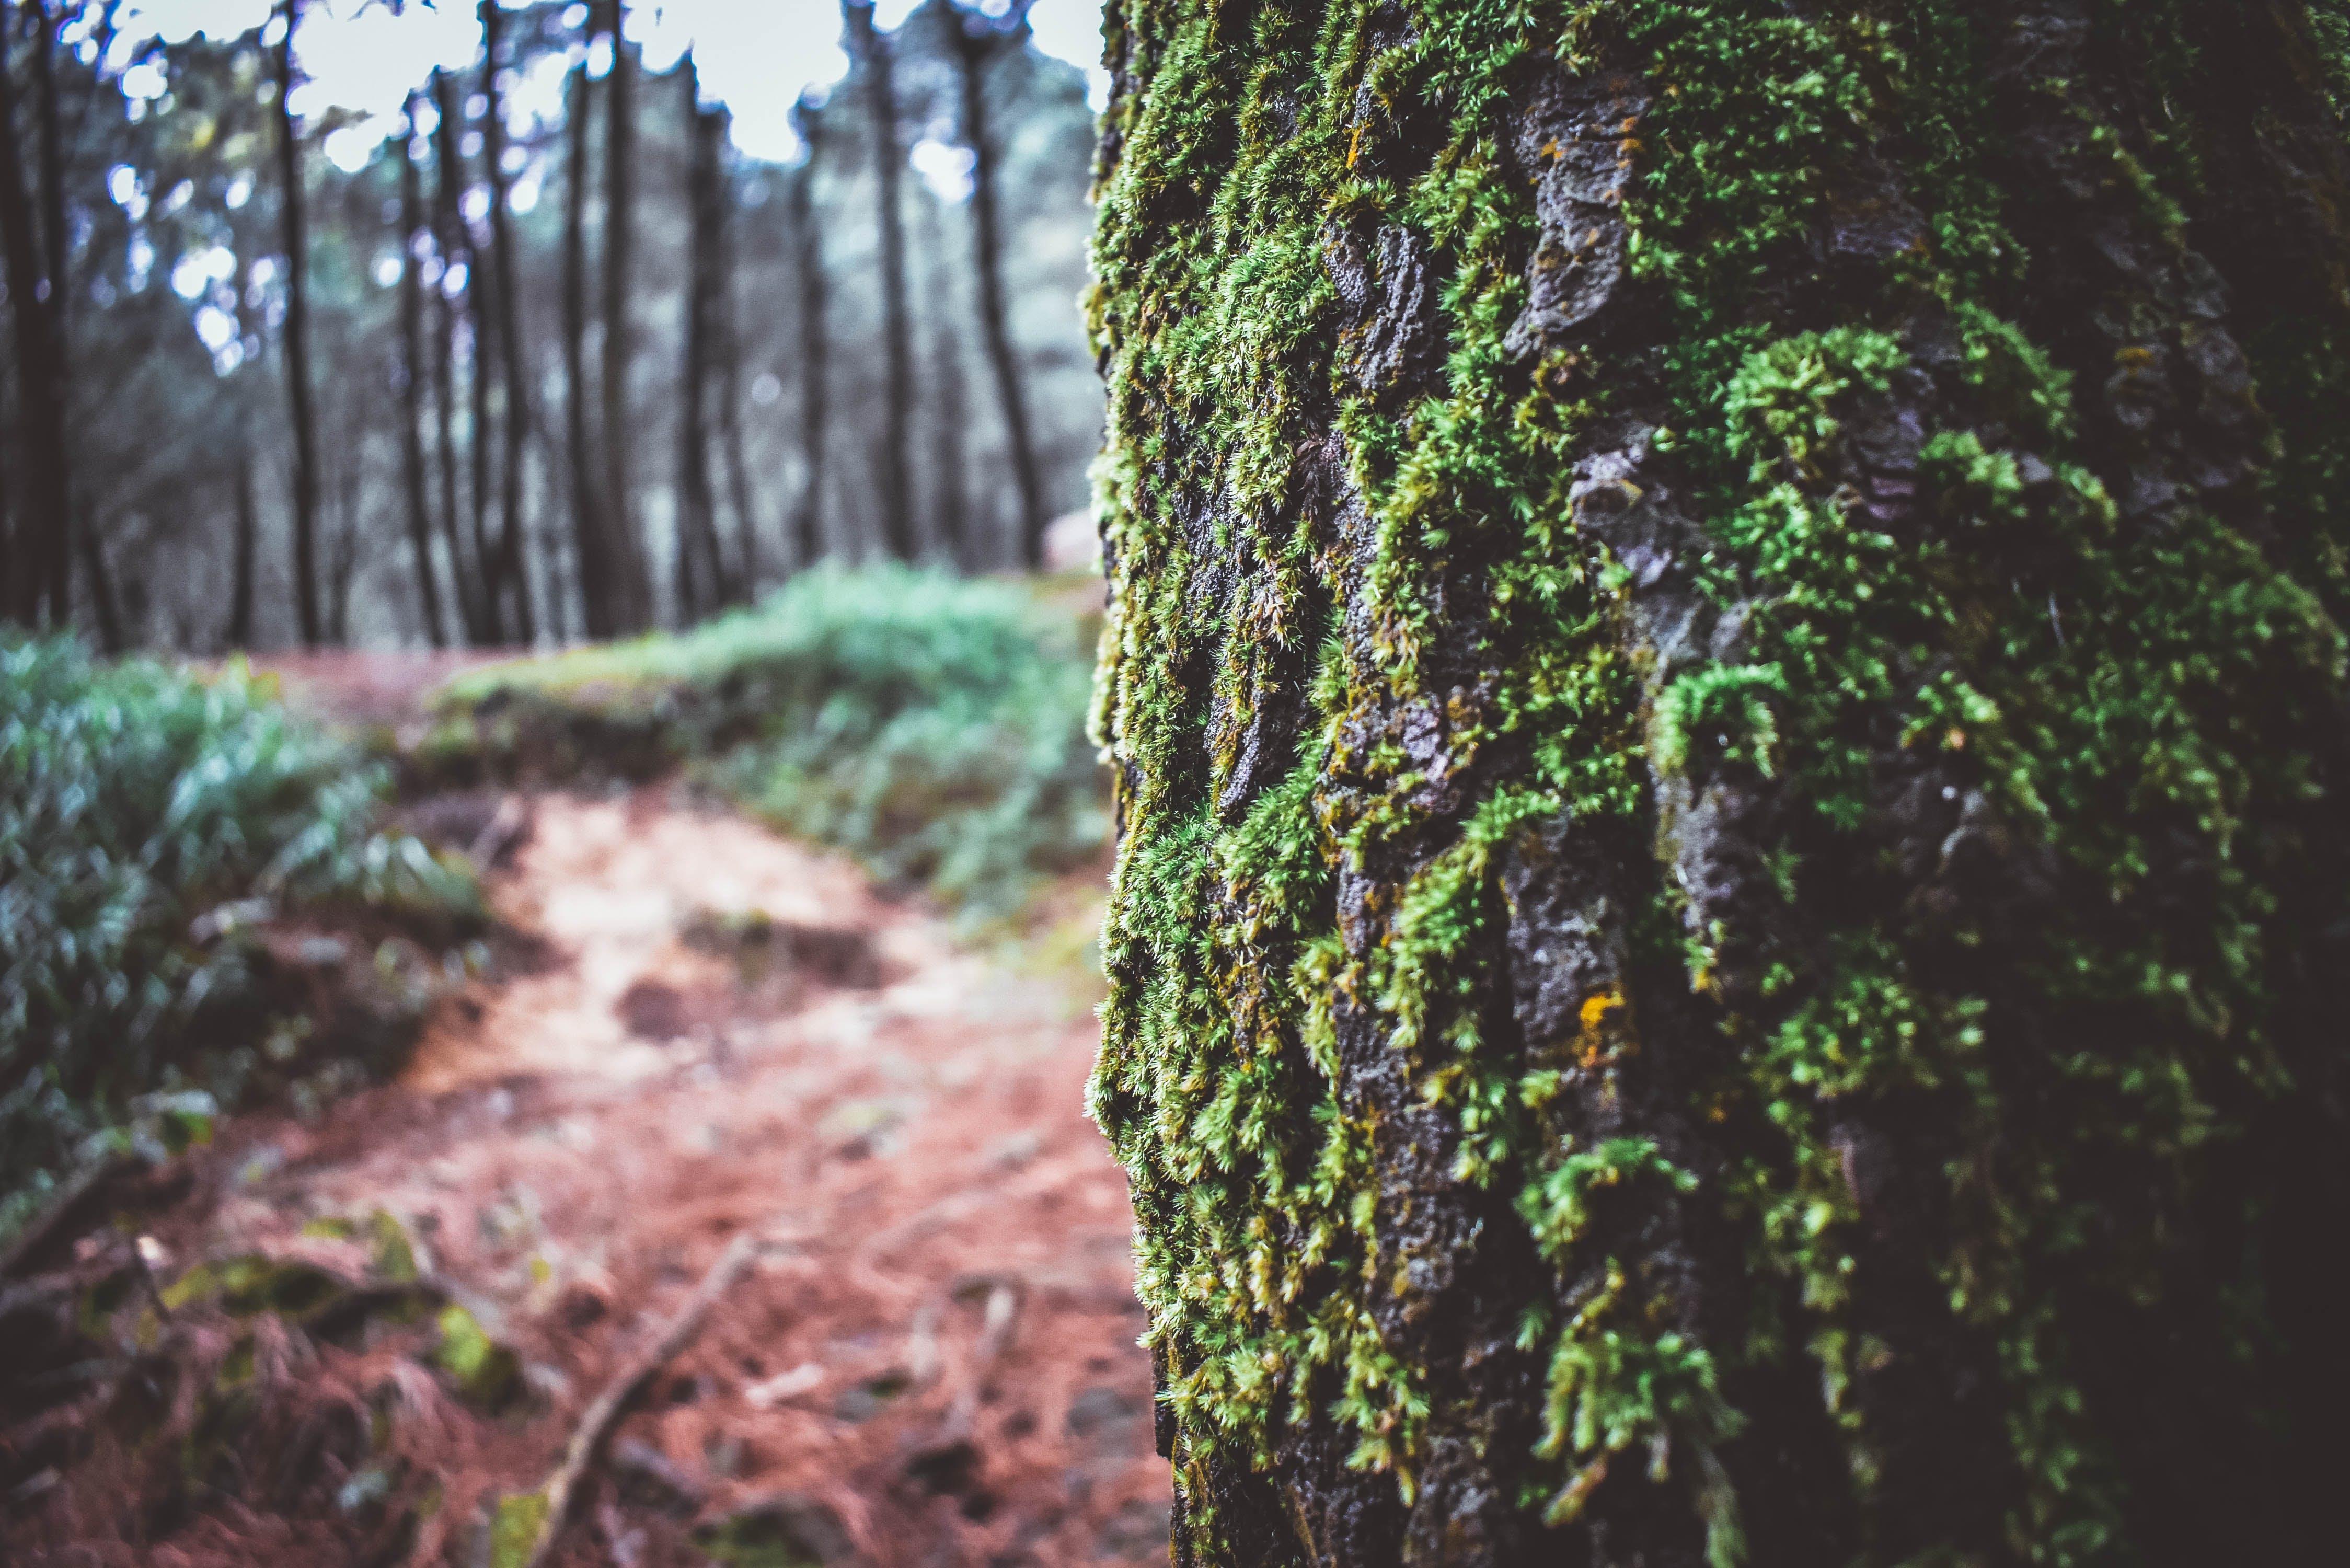 Δωρεάν στοκ φωτογραφιών με δασικός, φύση, φωτογραφία